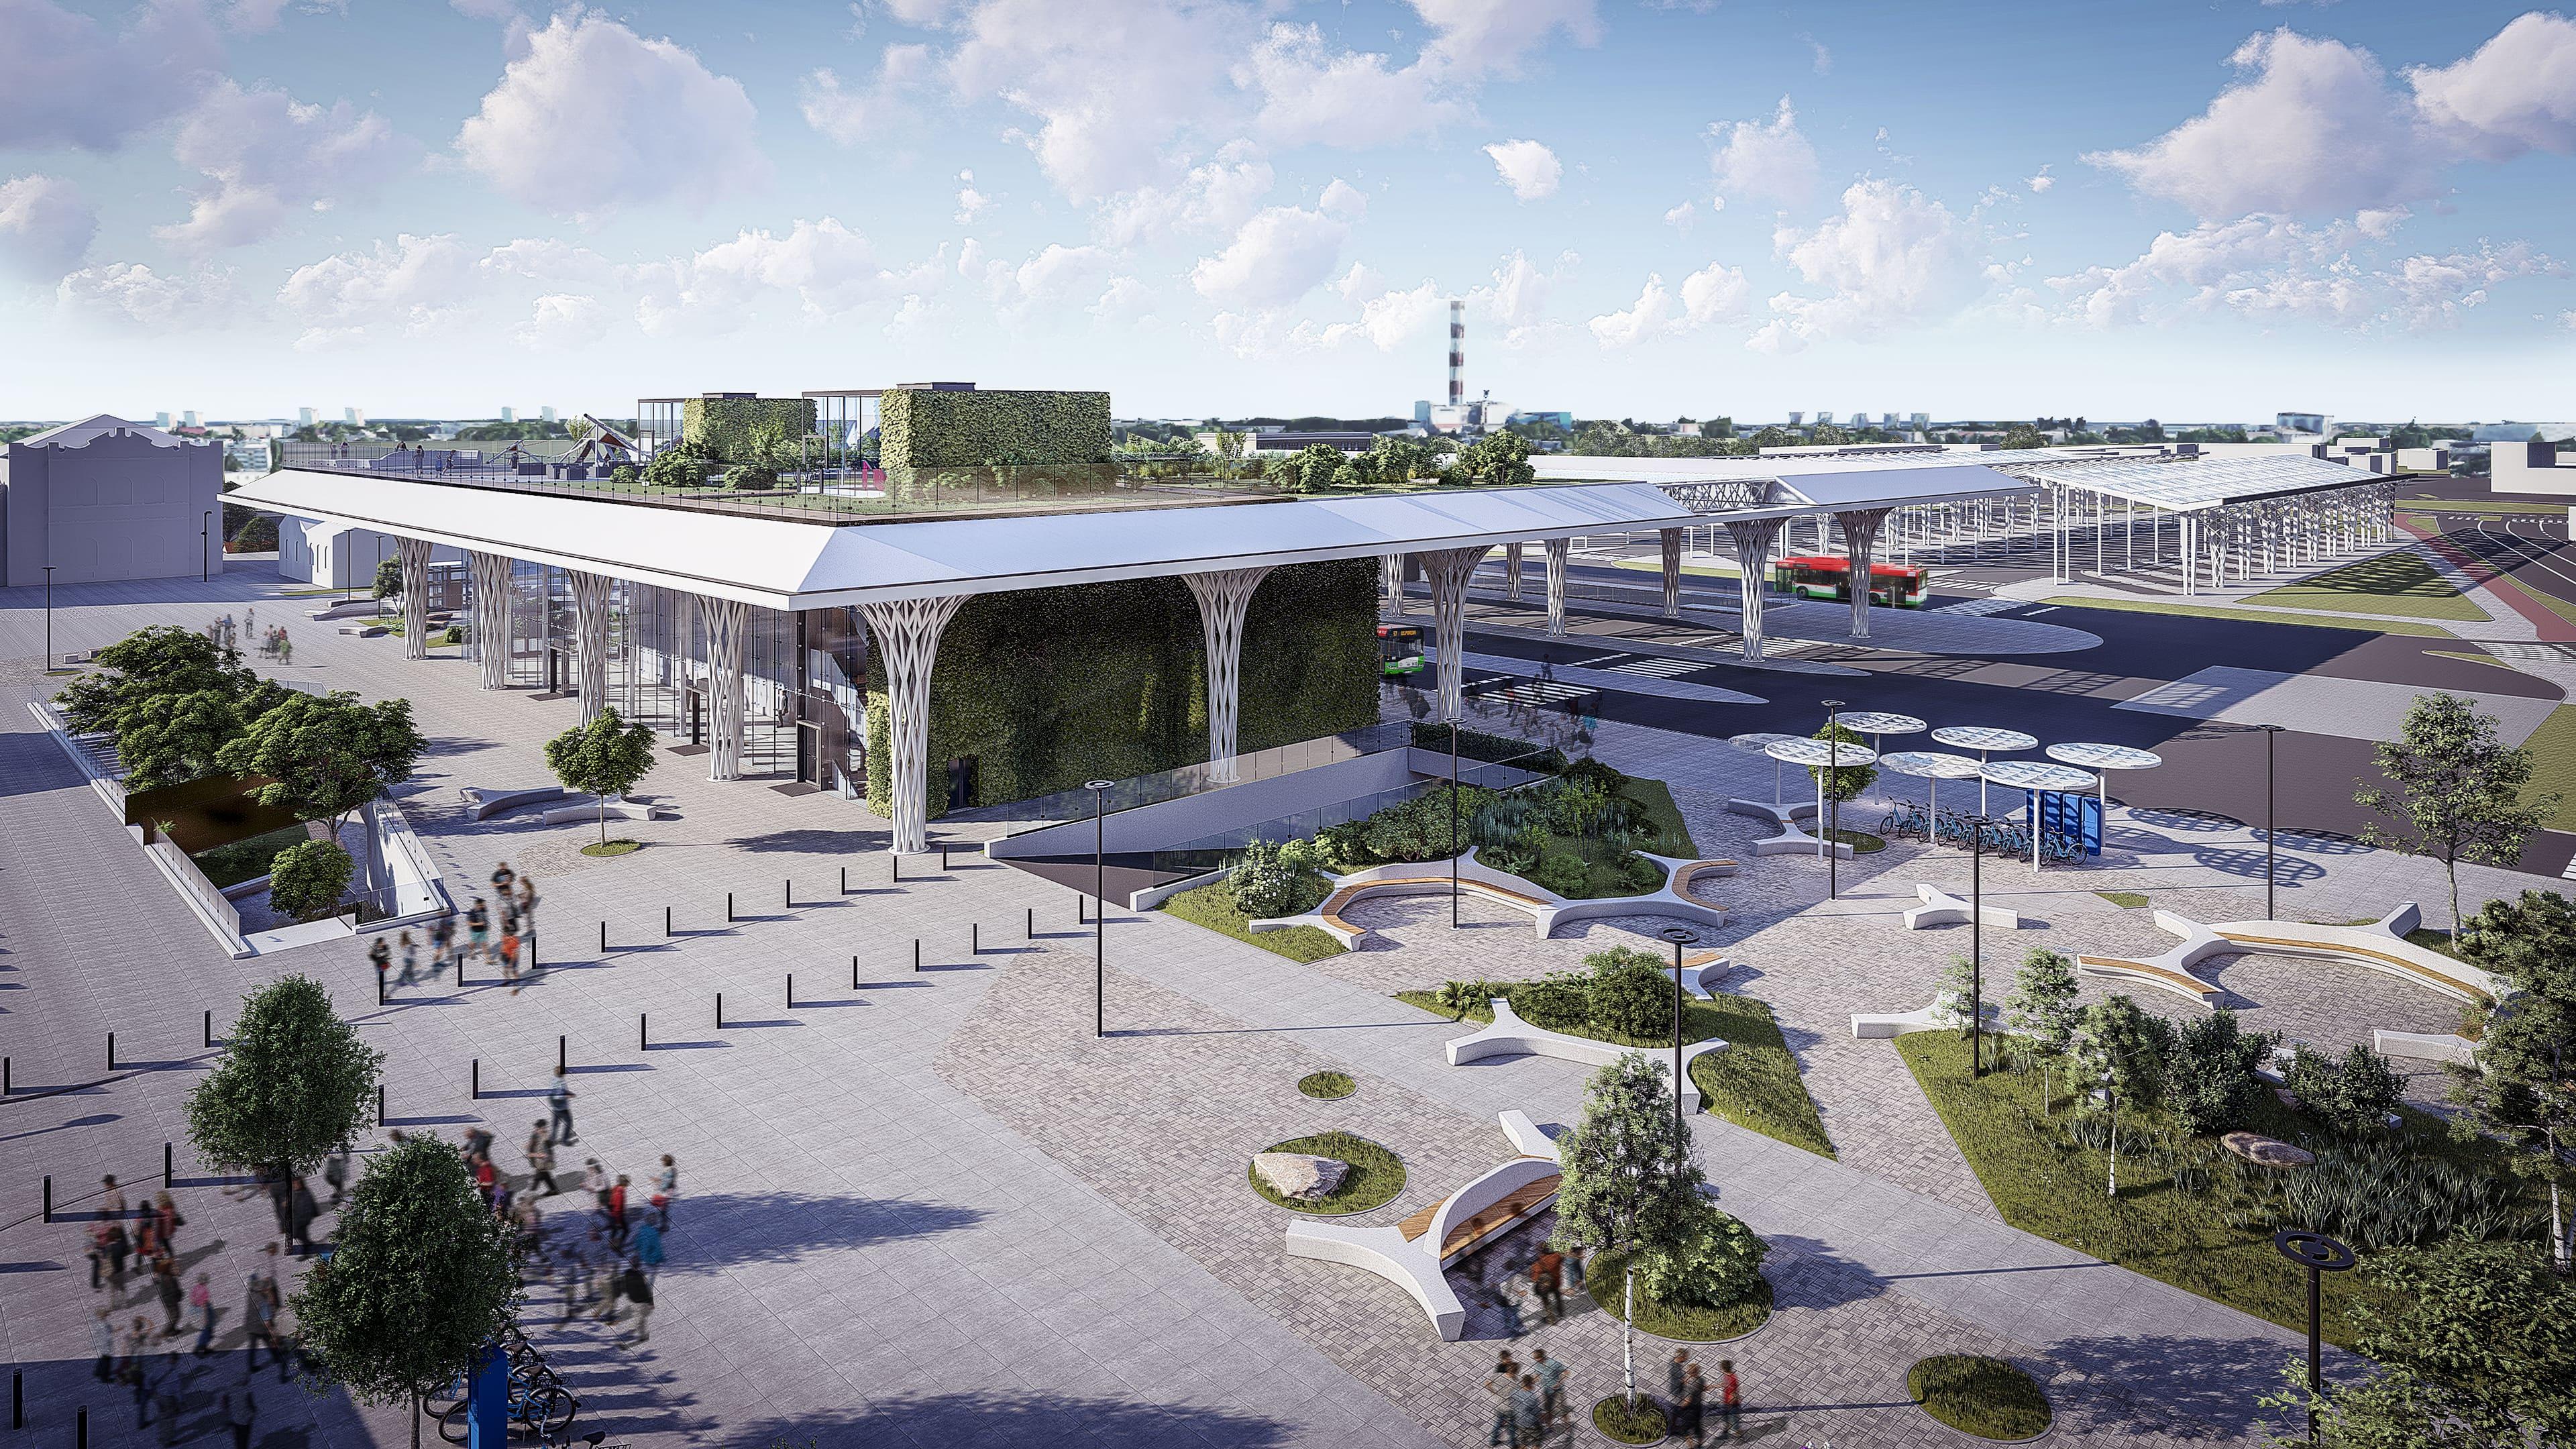 Sześć firm chce wybudować Dworzec Metropolitalny w Lublinie. Wszystkie powyżej zaplanowanego budżetu - Zdjęcie główne